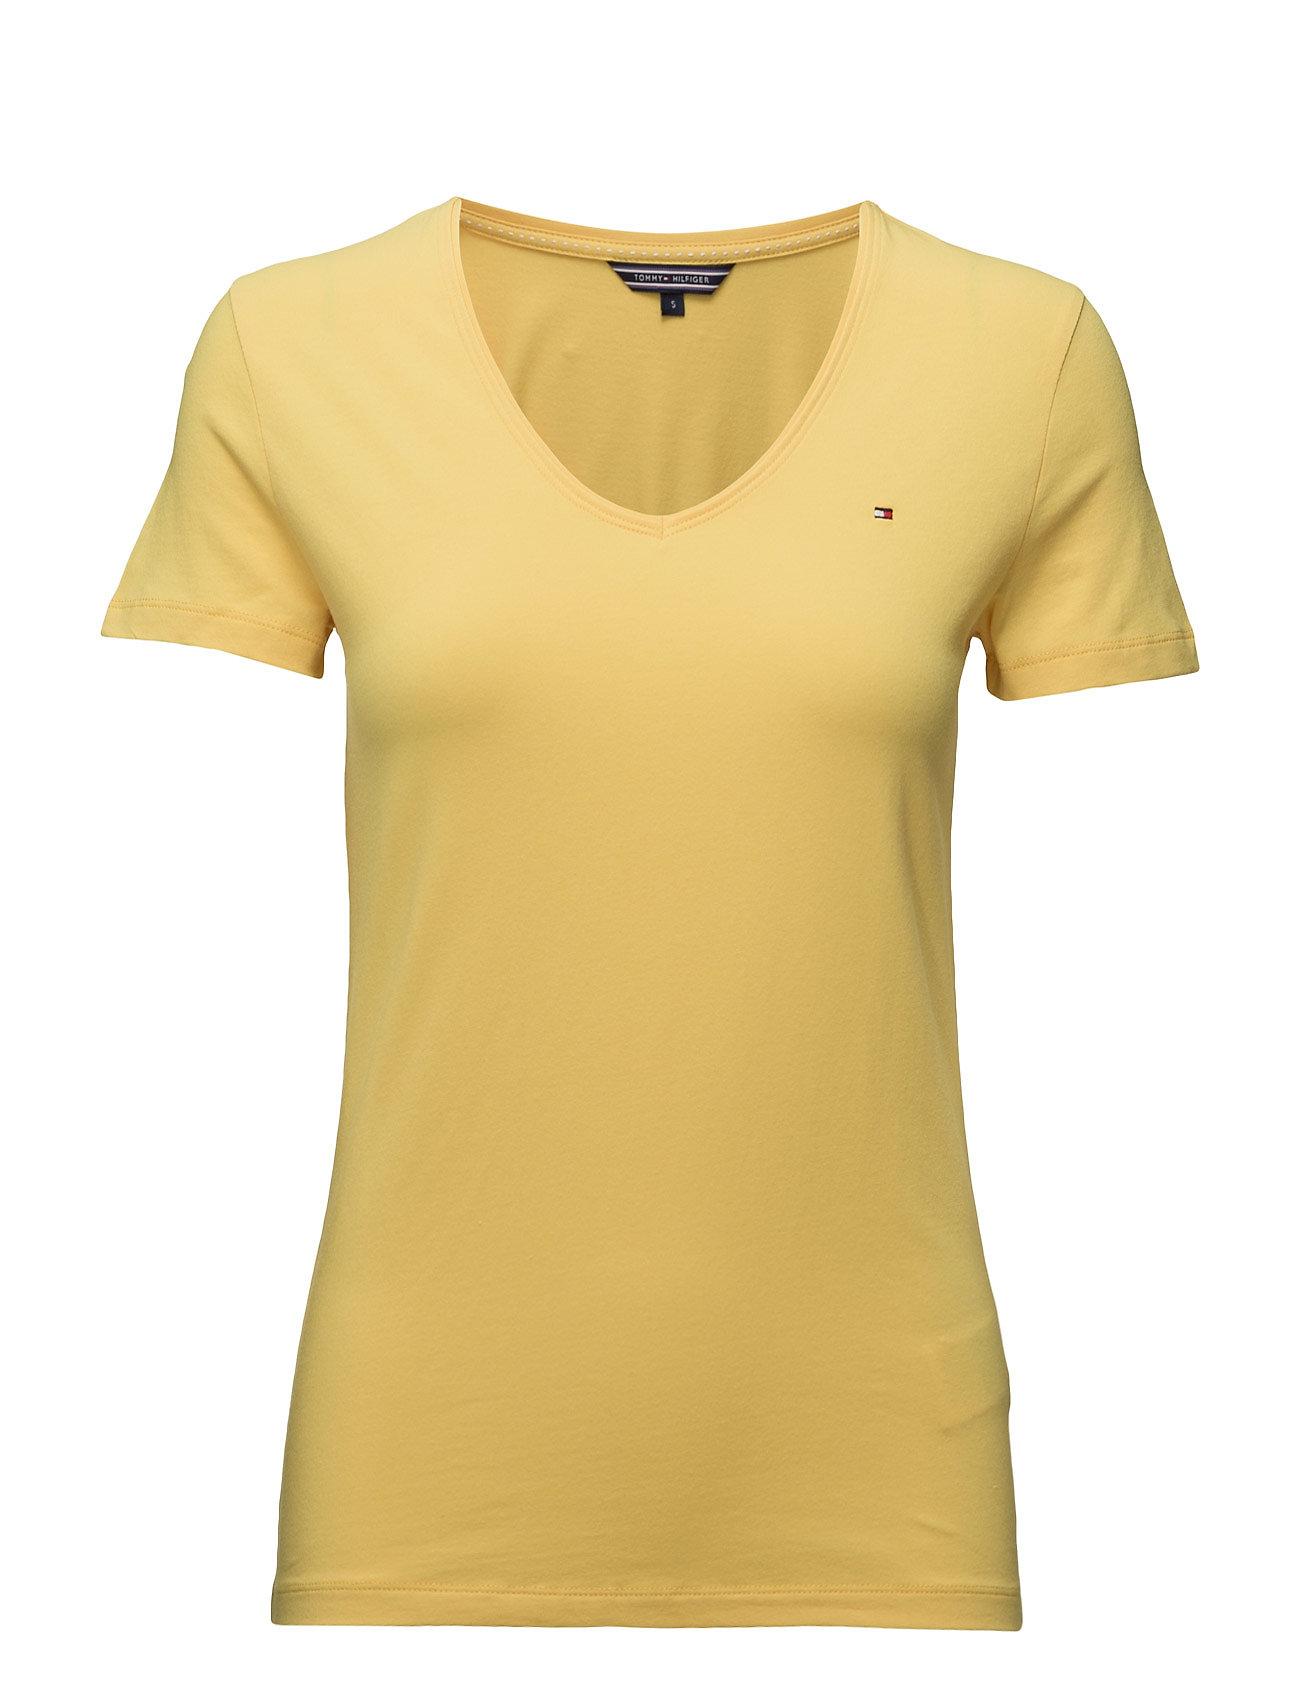 Lizzy V-Nk Top Ss Tommy Hilfiger T-shirts & toppe til Kvinder i